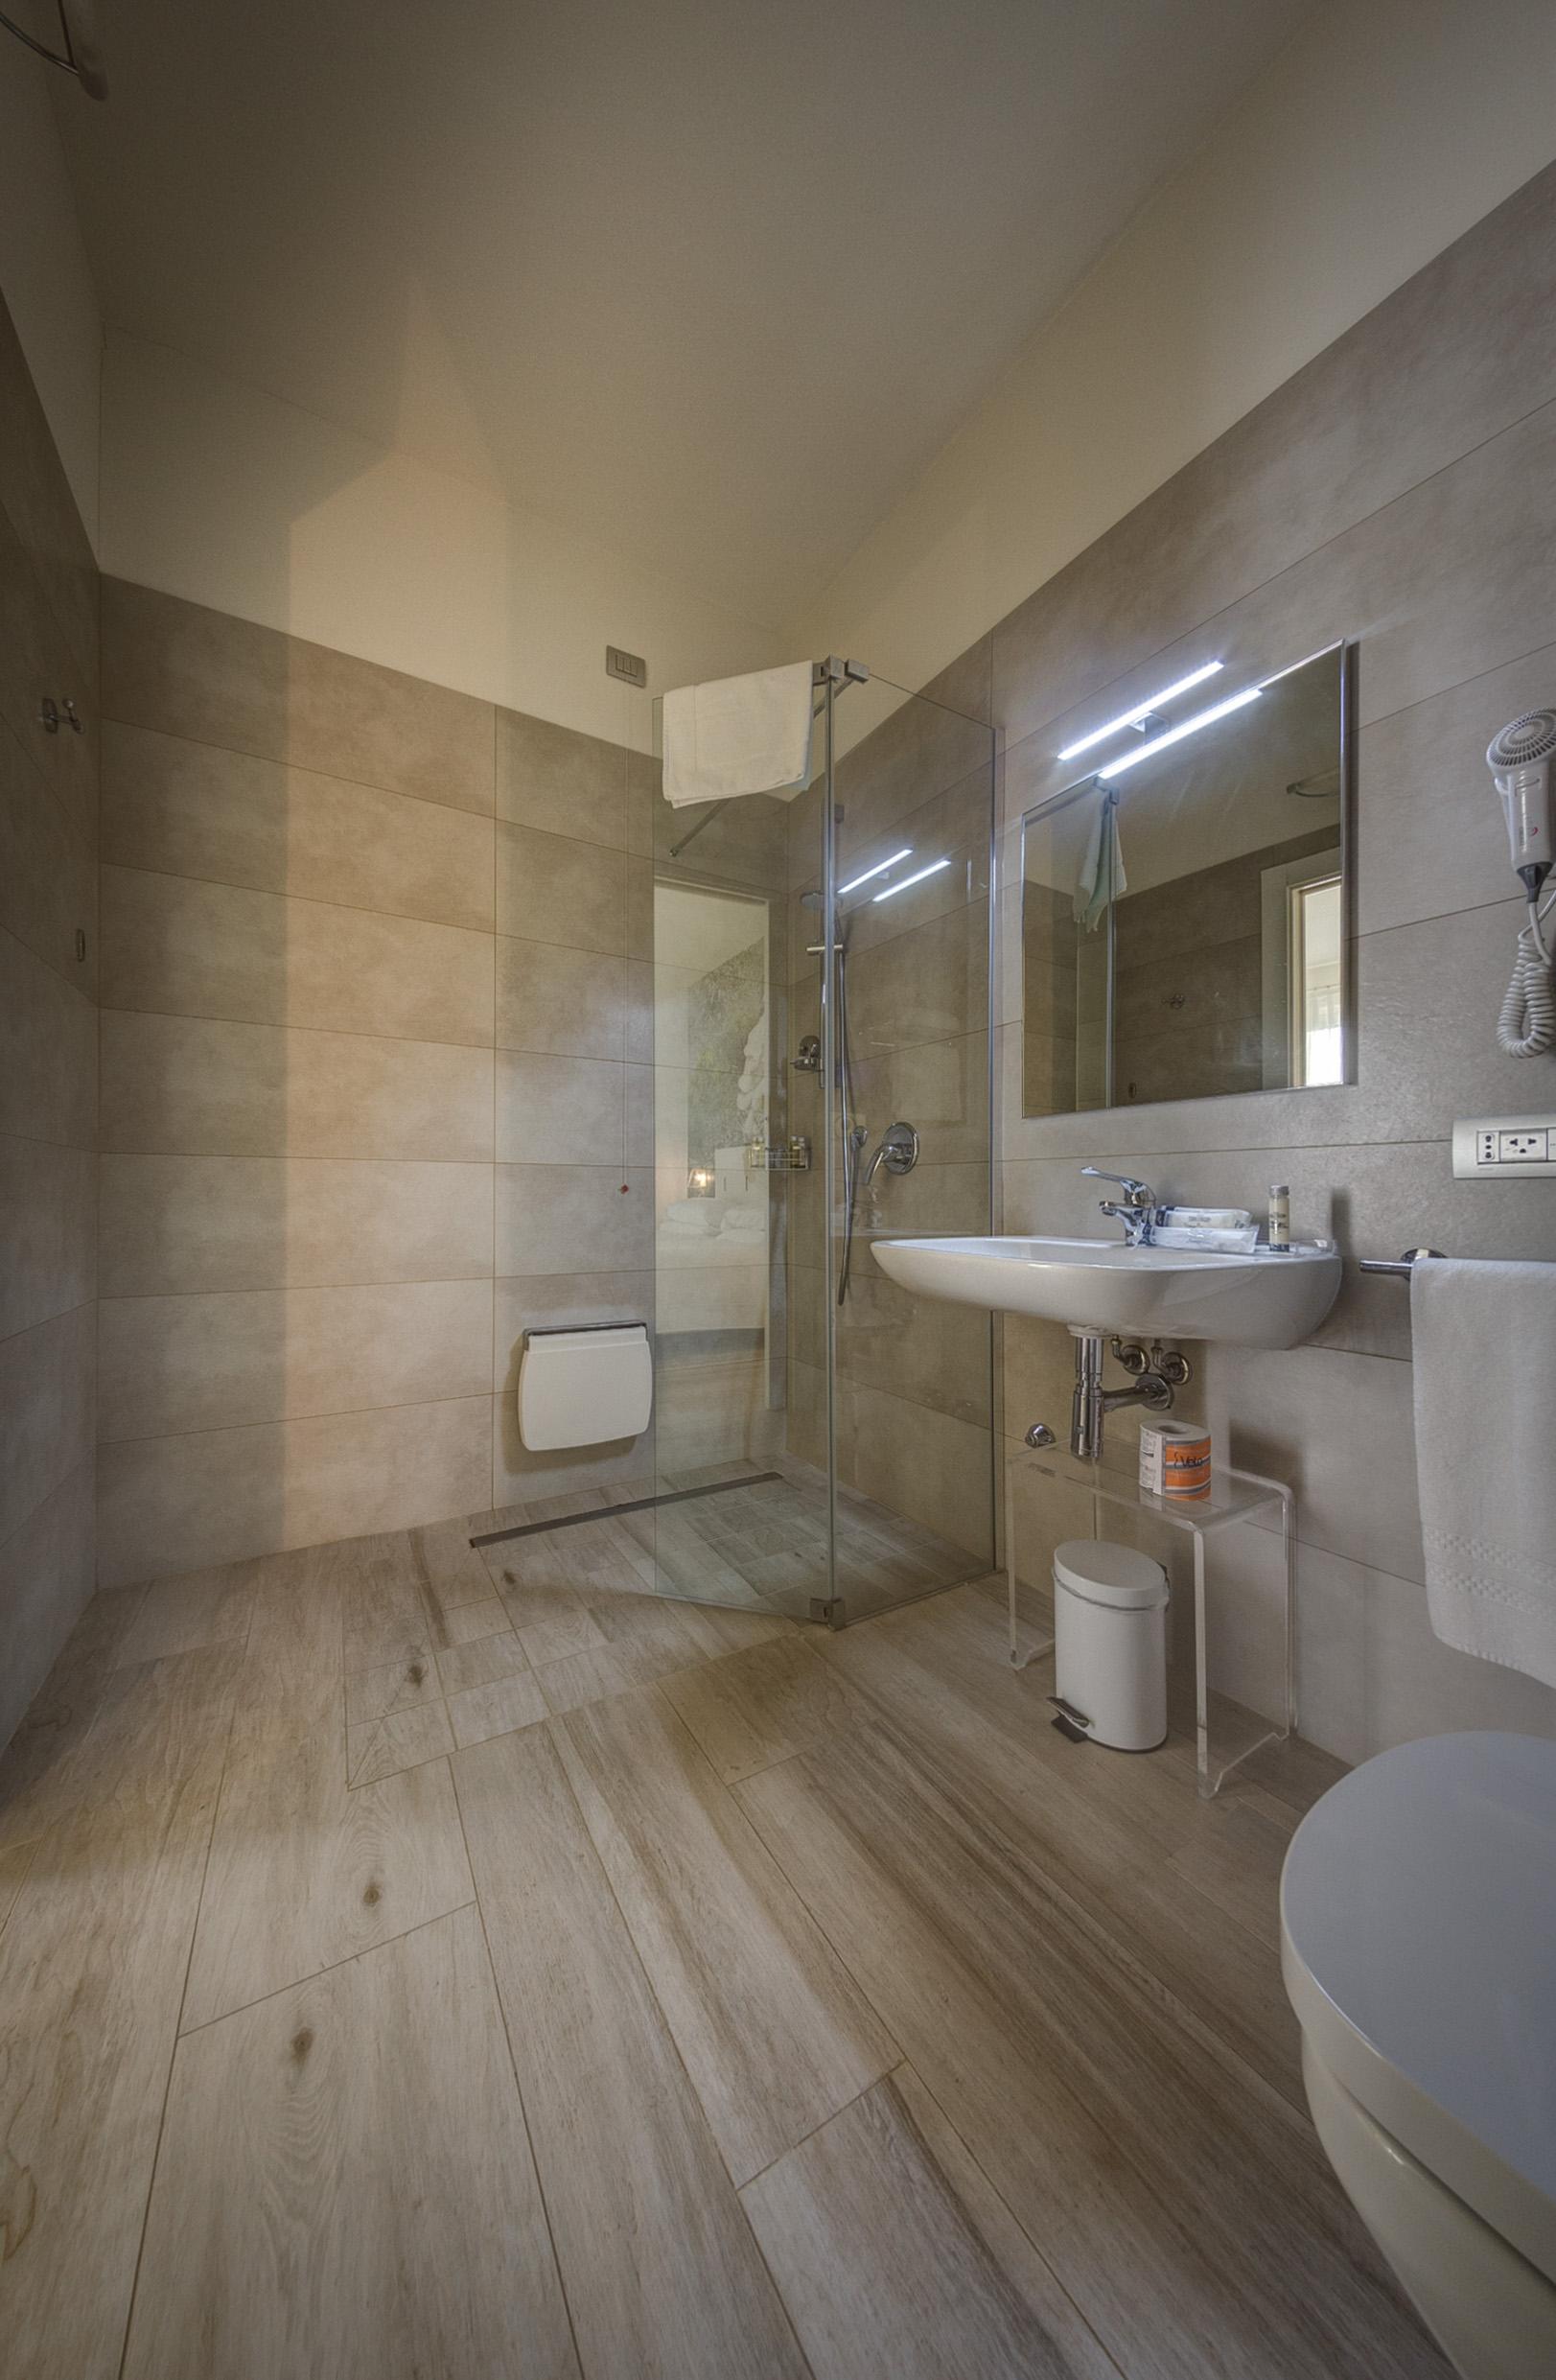 Comfort shower